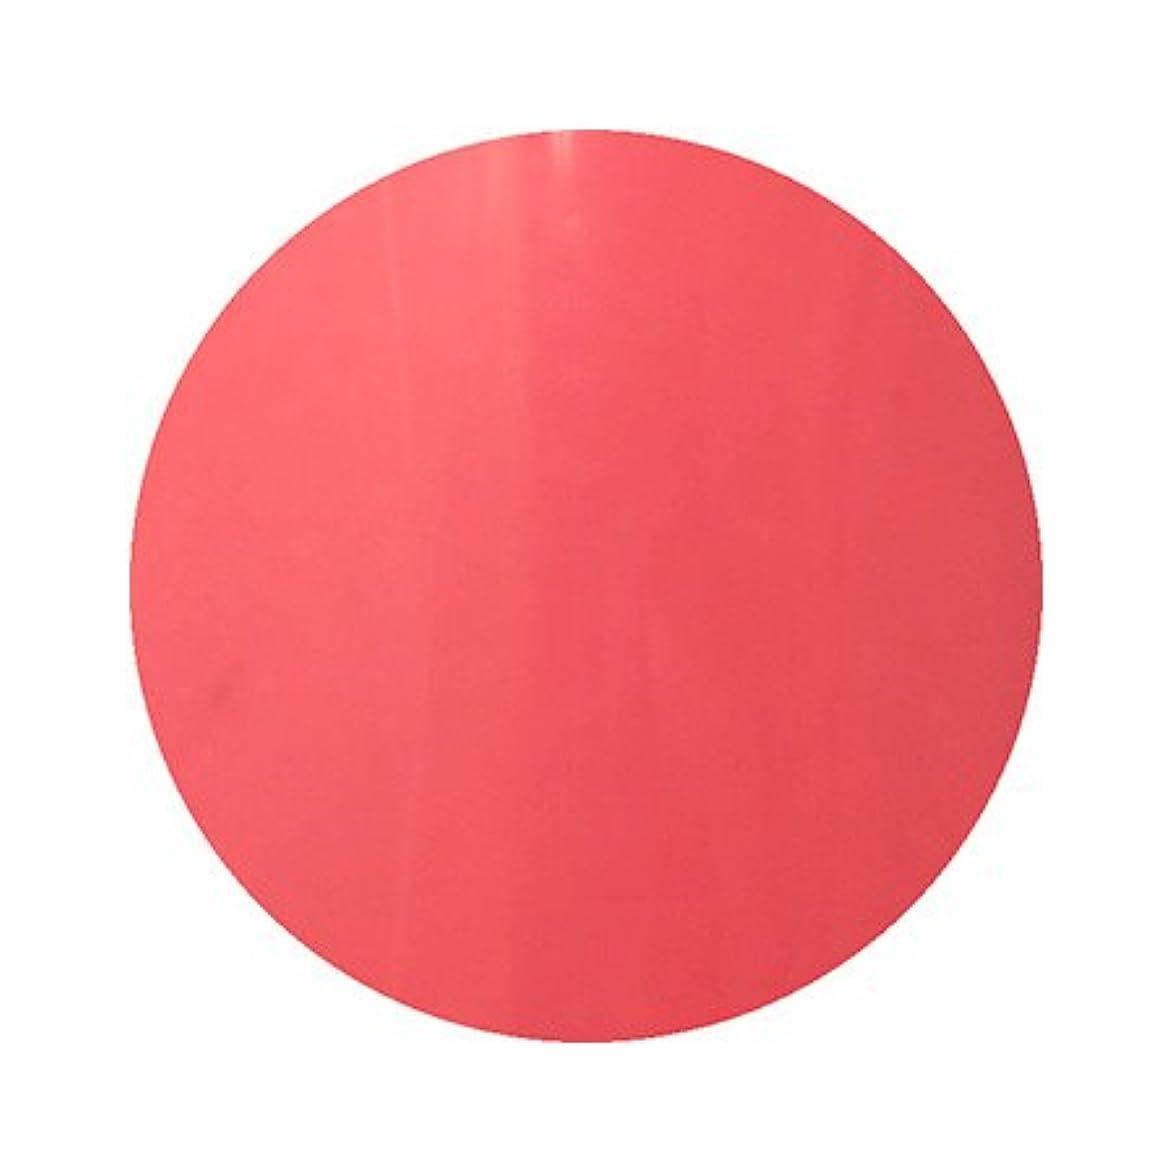 エレガント高潔な肉腫パラポリッシュ ハイブリッドカラージェル M14 コーラルピンク 7g